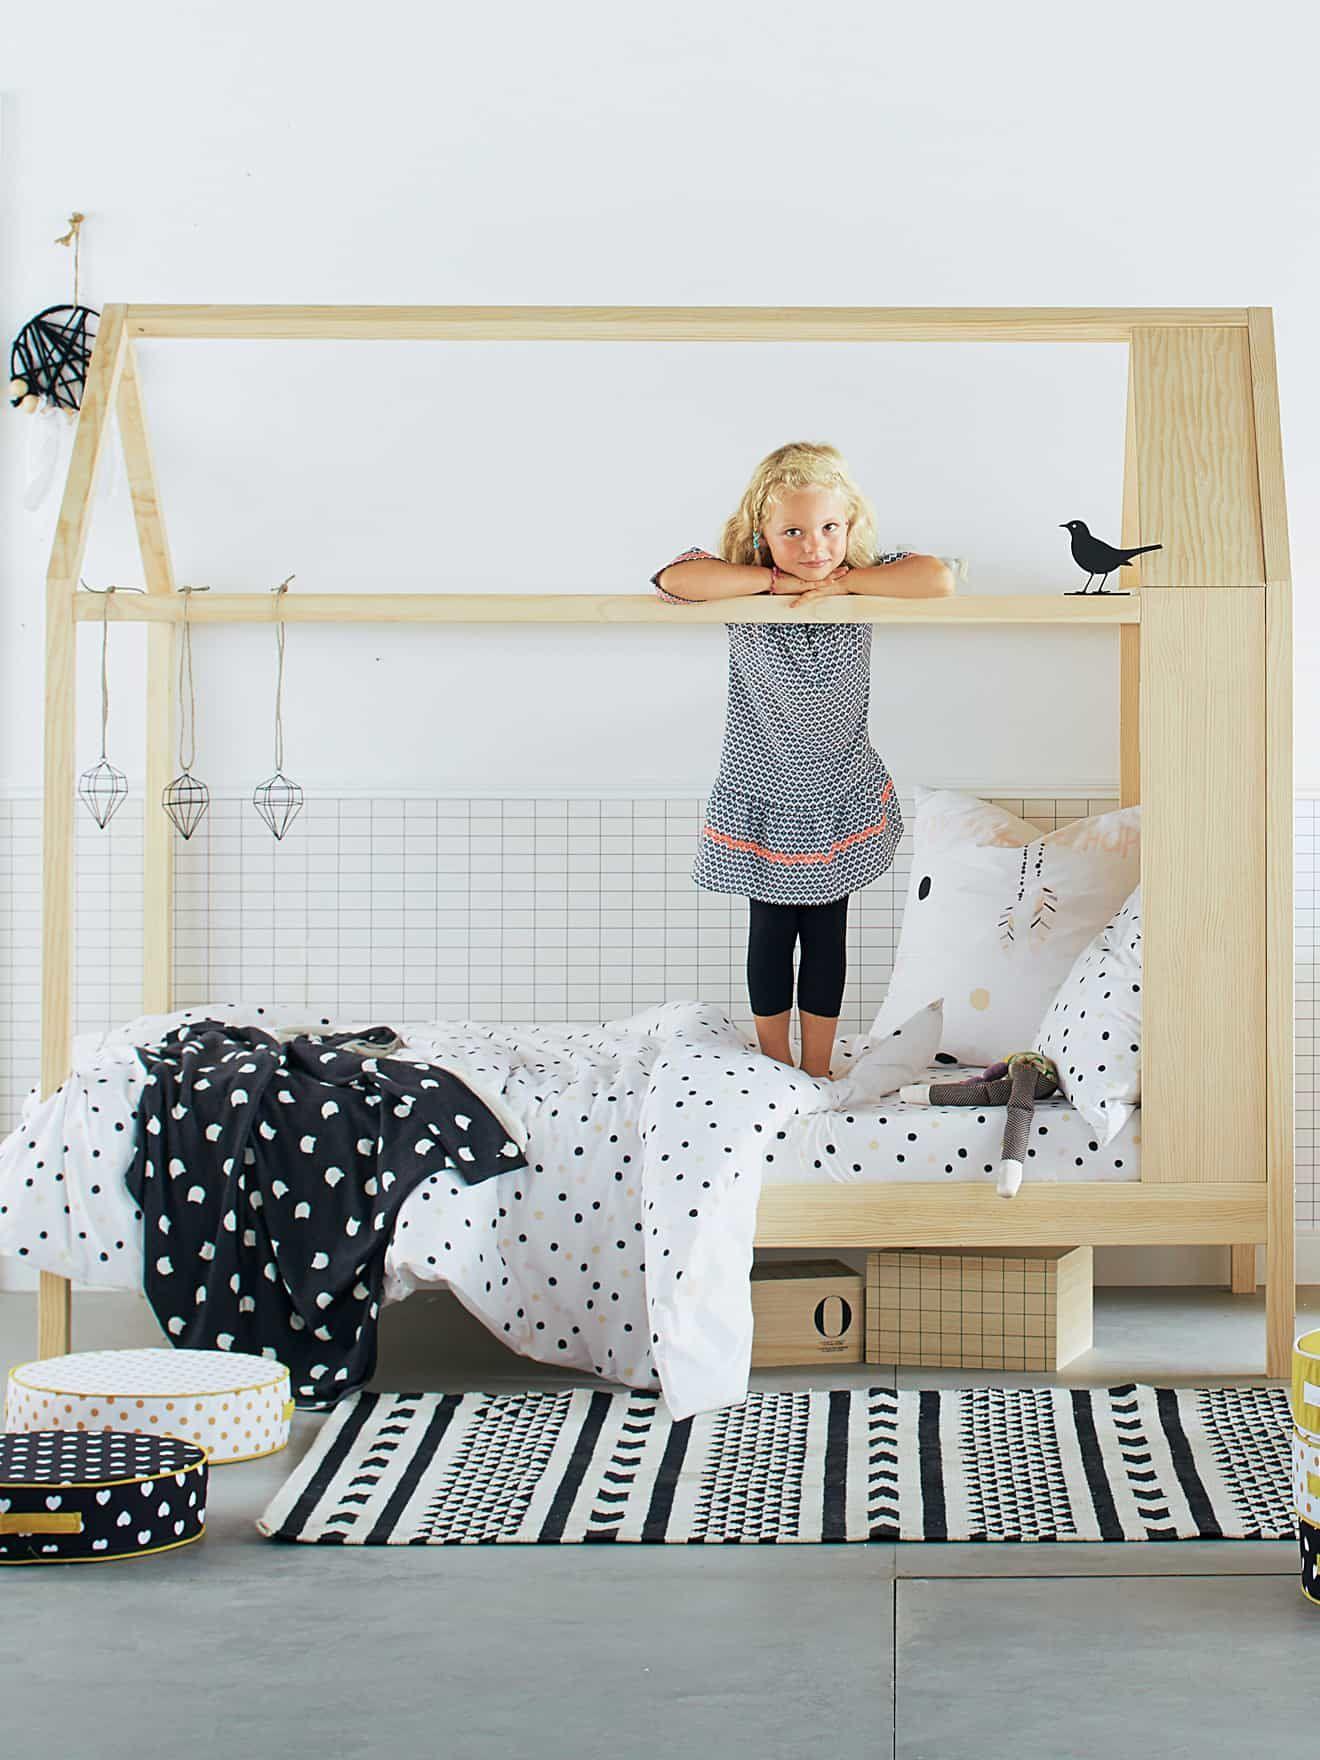 chambre enfant un lit cabane chez vertbaudet - Chambre Vert Baudet